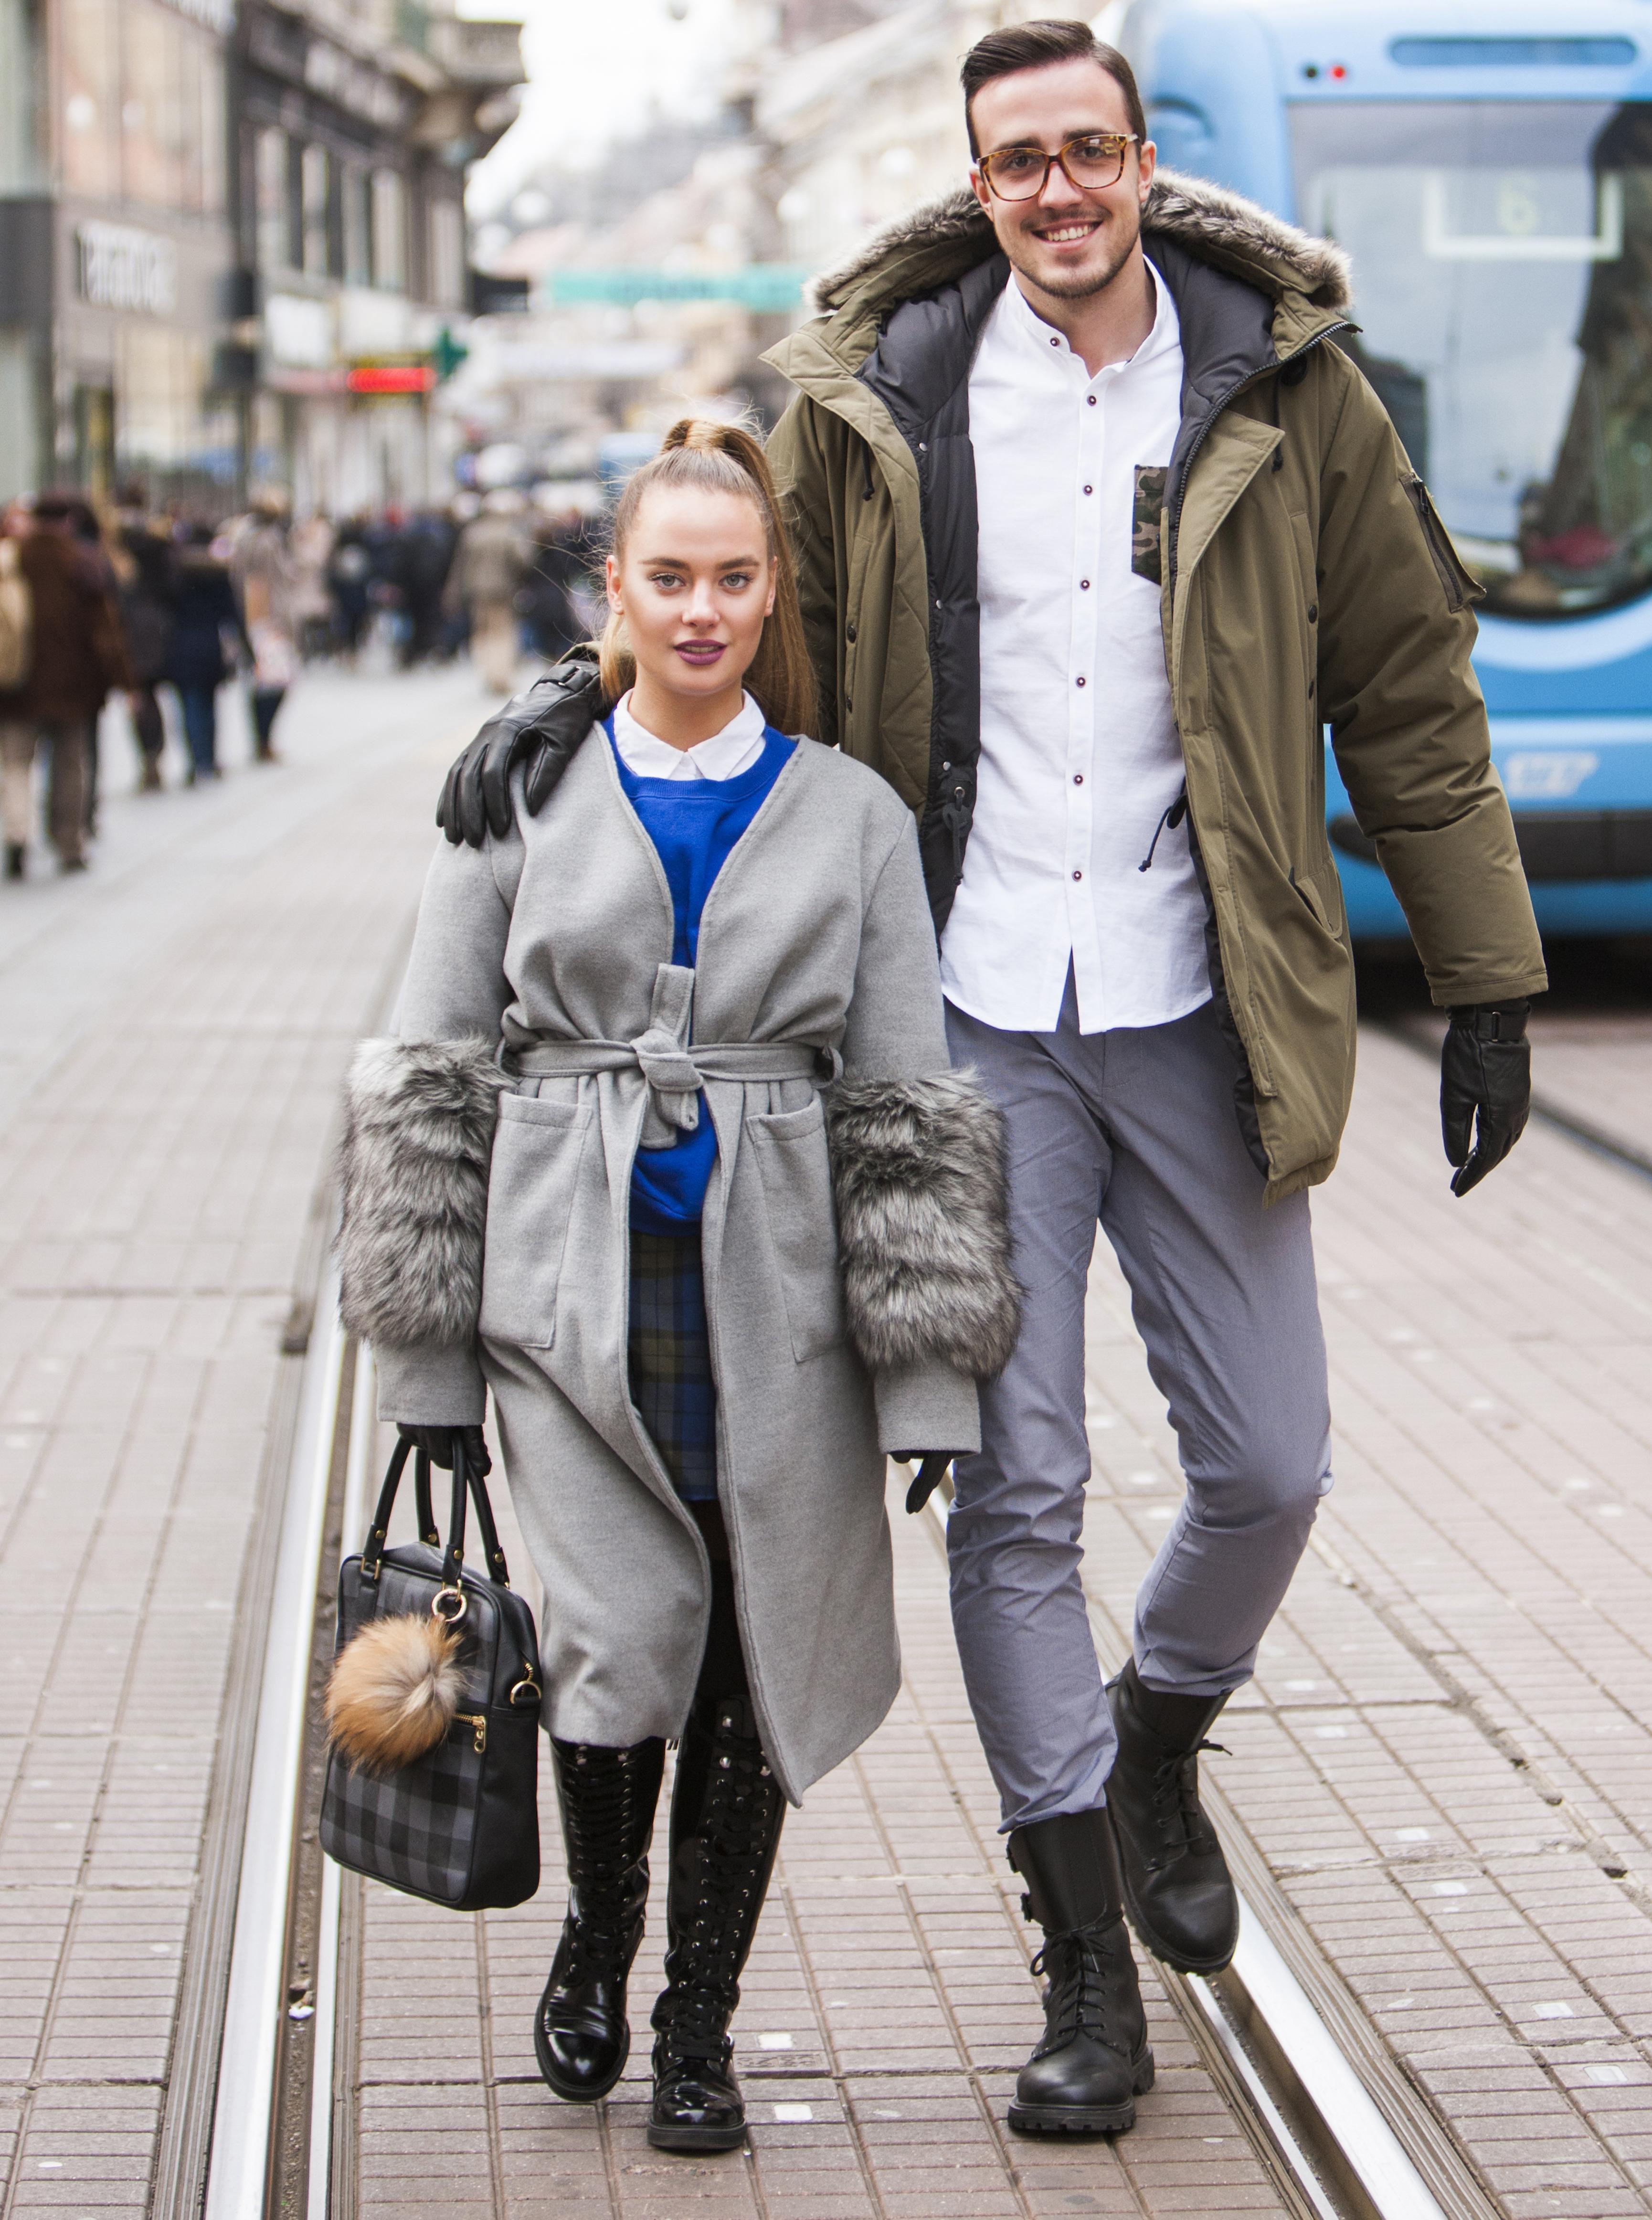 """Zgodan par iz centra:  """"Iako smo 'mala i veliki' s razlikom u visini 40 cm, uvijek uspijevamo pronaći odjeću koja odgovara našoj građi"""""""